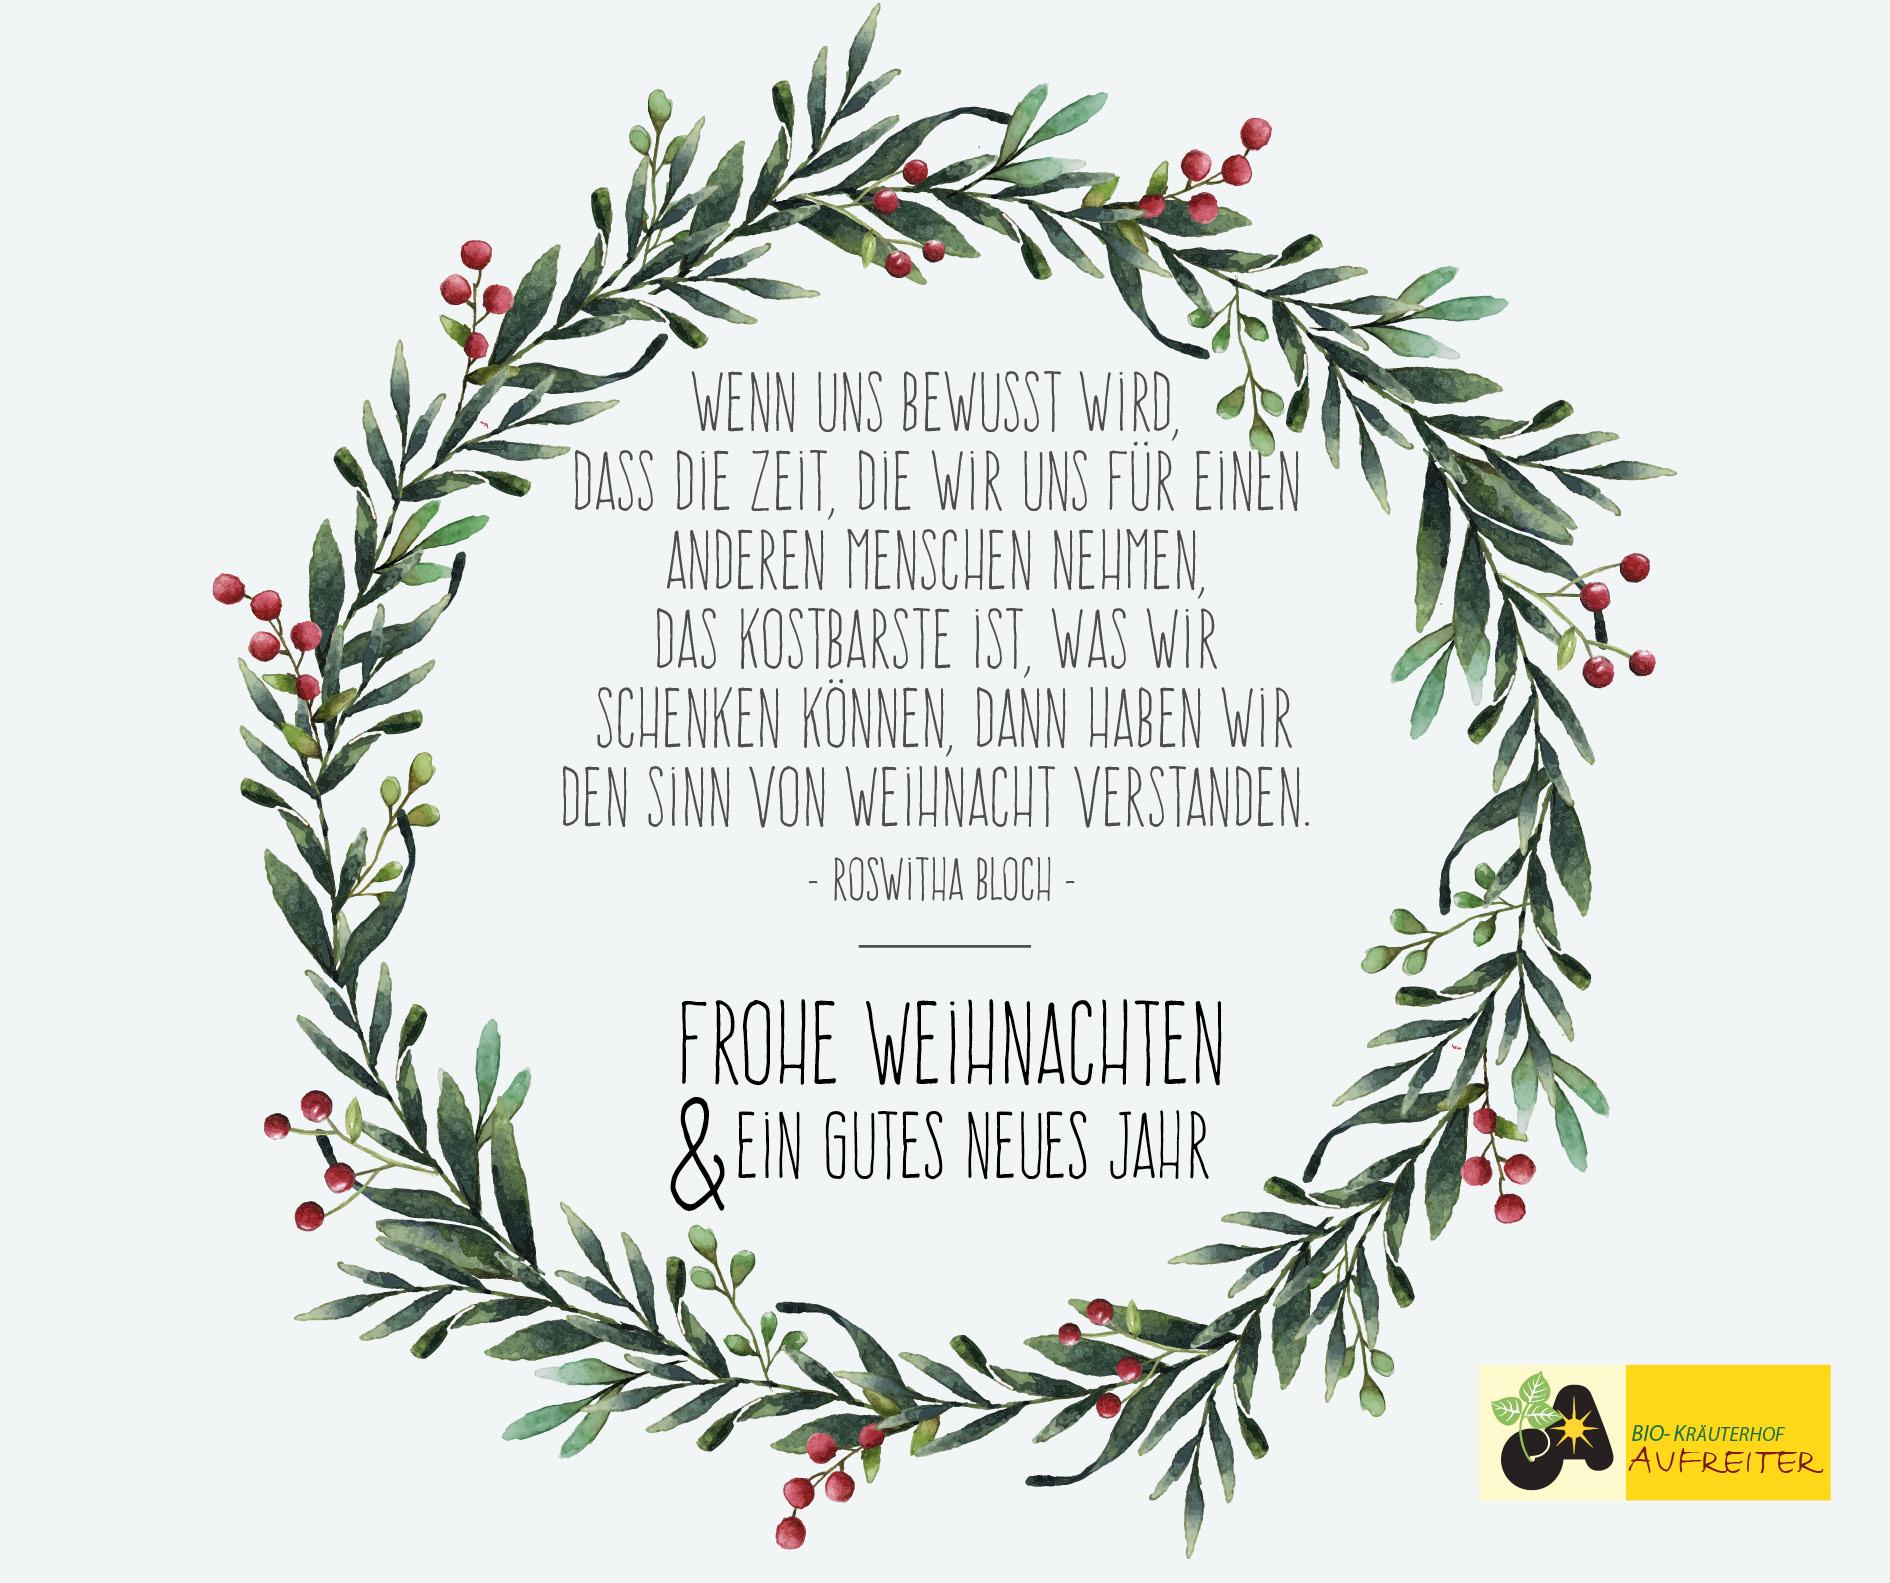 Email Frohe Weihnachten.Frohe Weihnachten Kräuterhof Aufreiter